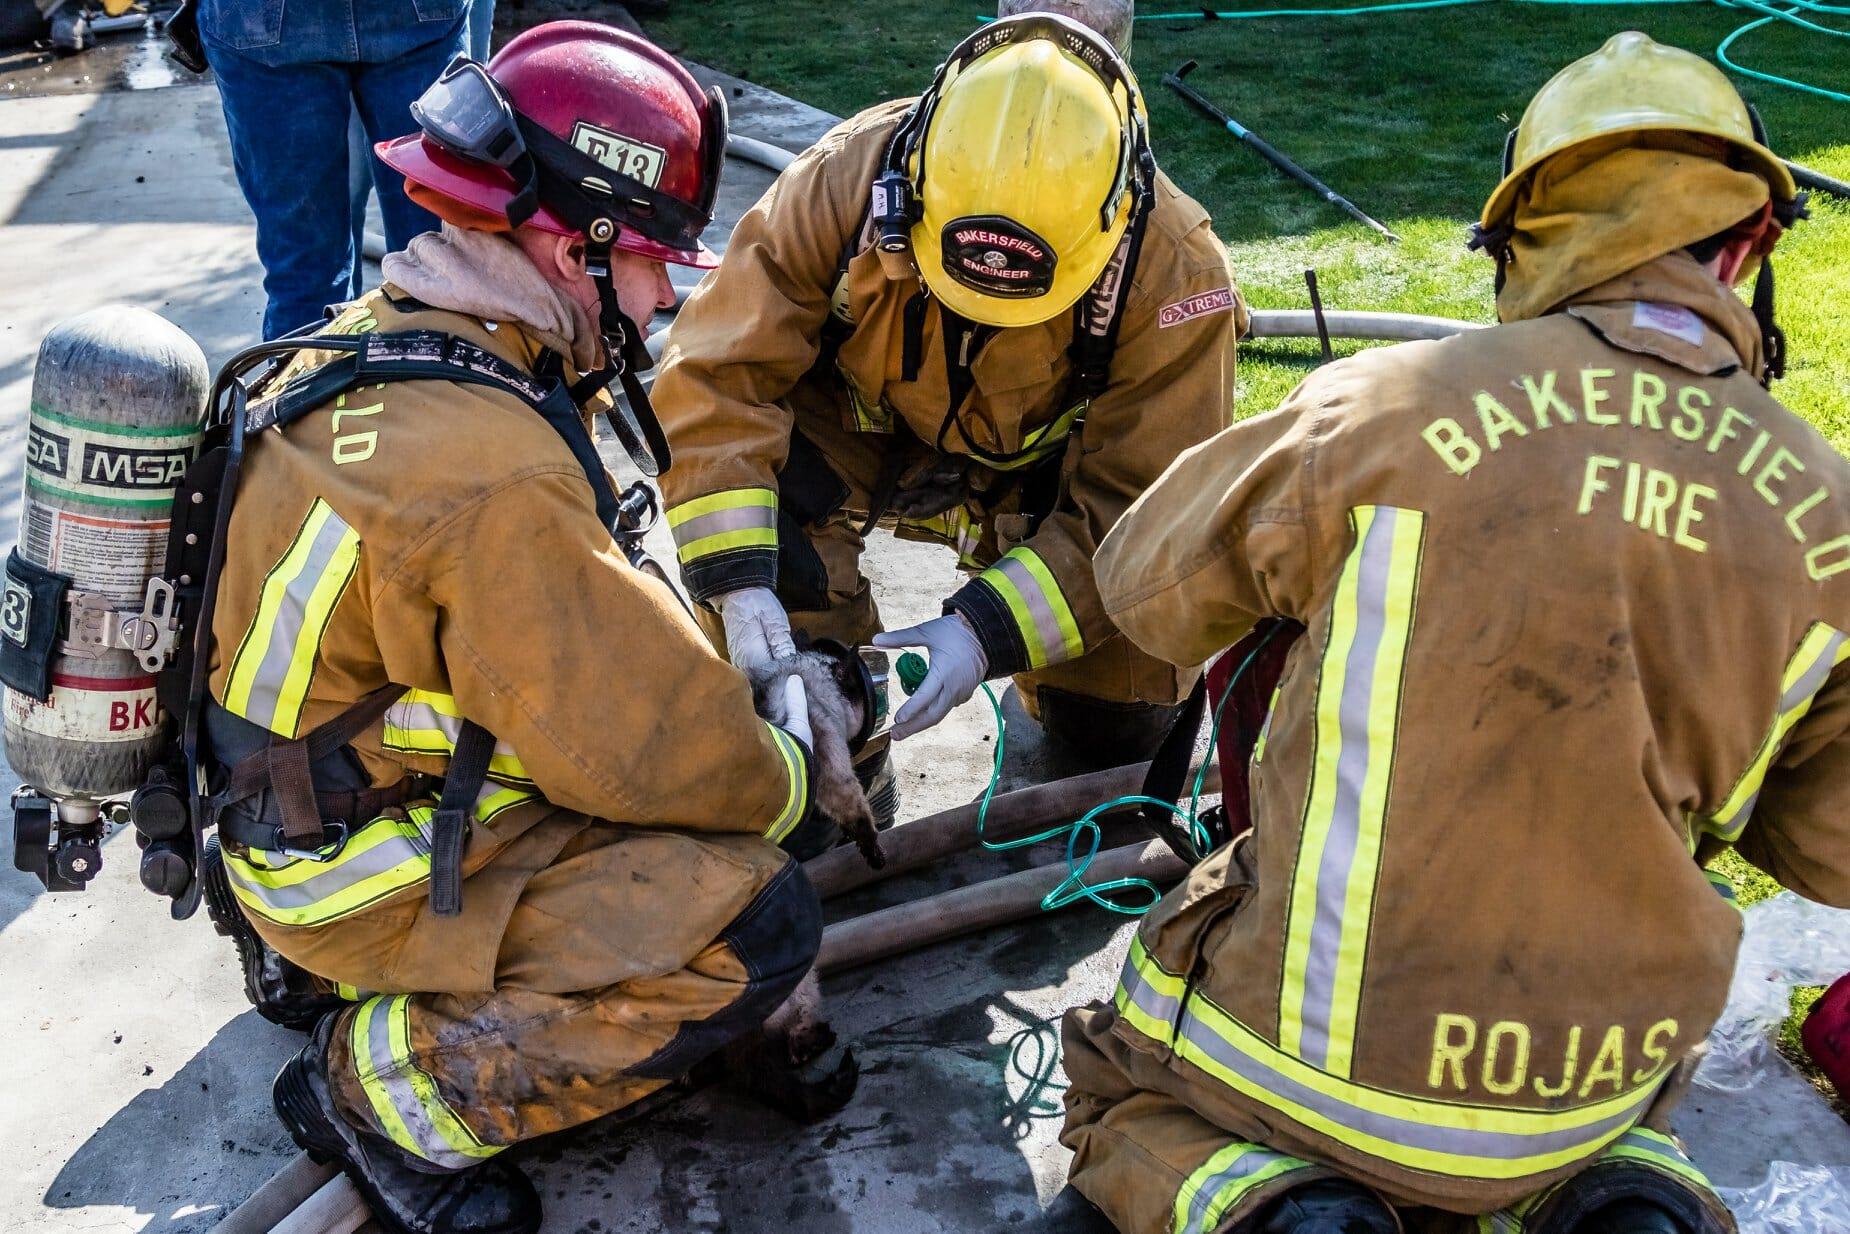 Na zdjęciu widać zastęp straży pożarnej ratujący zwierzęta ze studzienki kanalizacyjnej